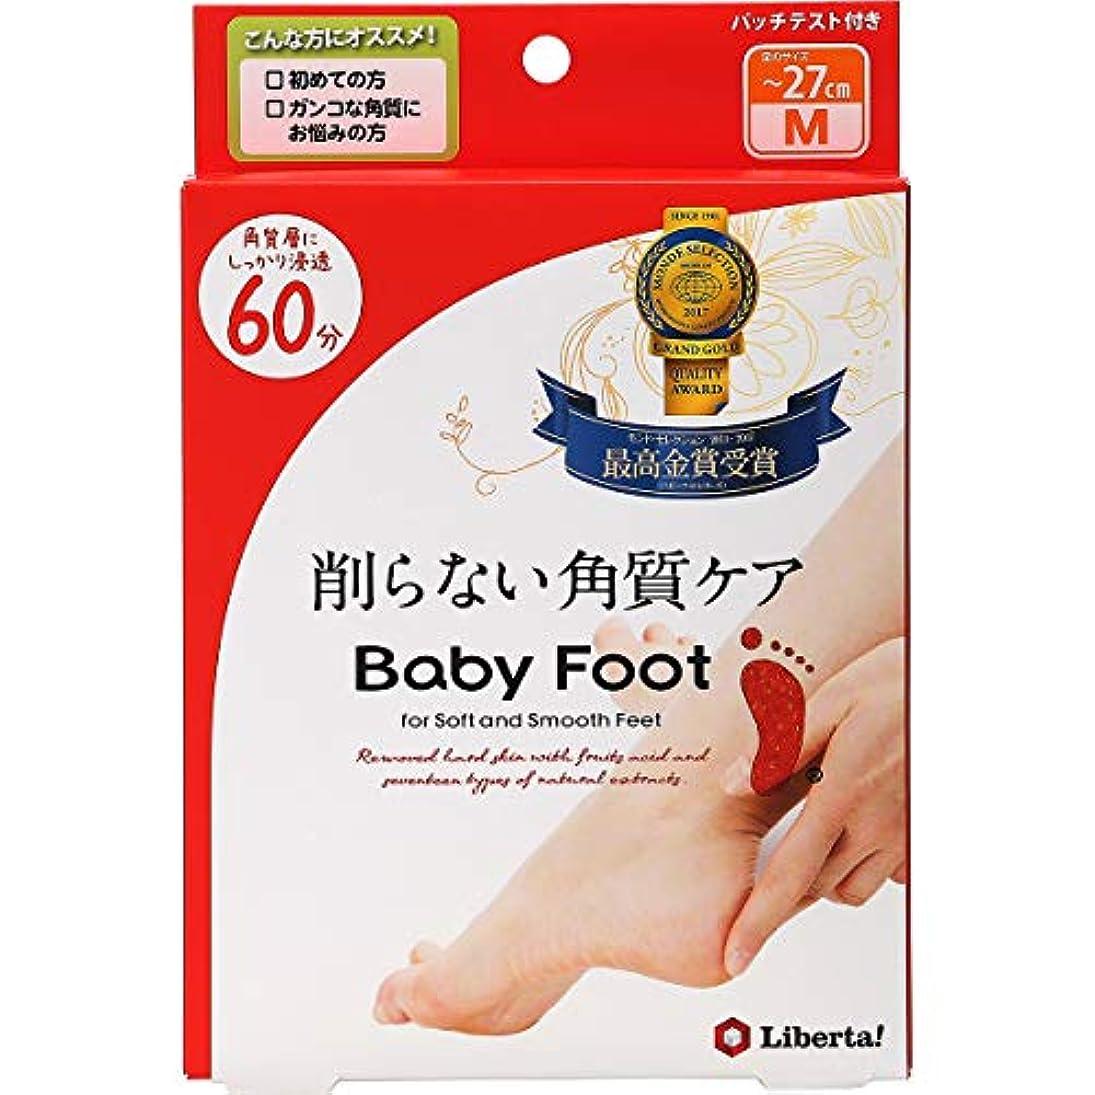 うま暴力的な貯水池ベビーフット (Baby Foot) ベビーフット イージーパック SPT60分タイプ Mサイズ 単品